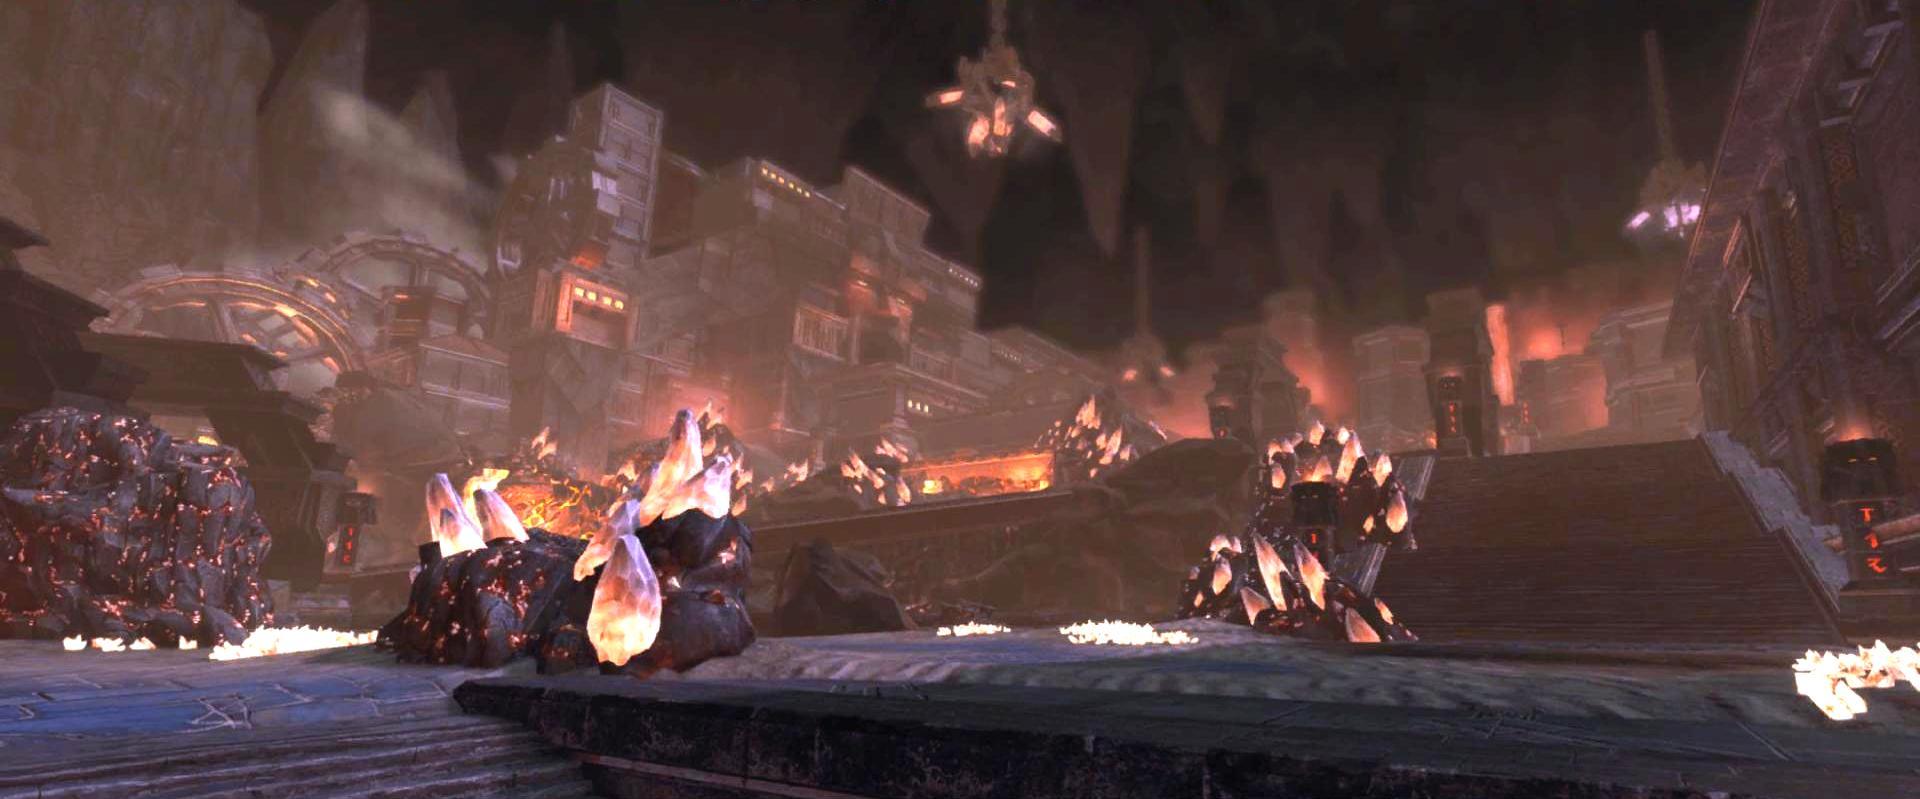 Fiery Pit